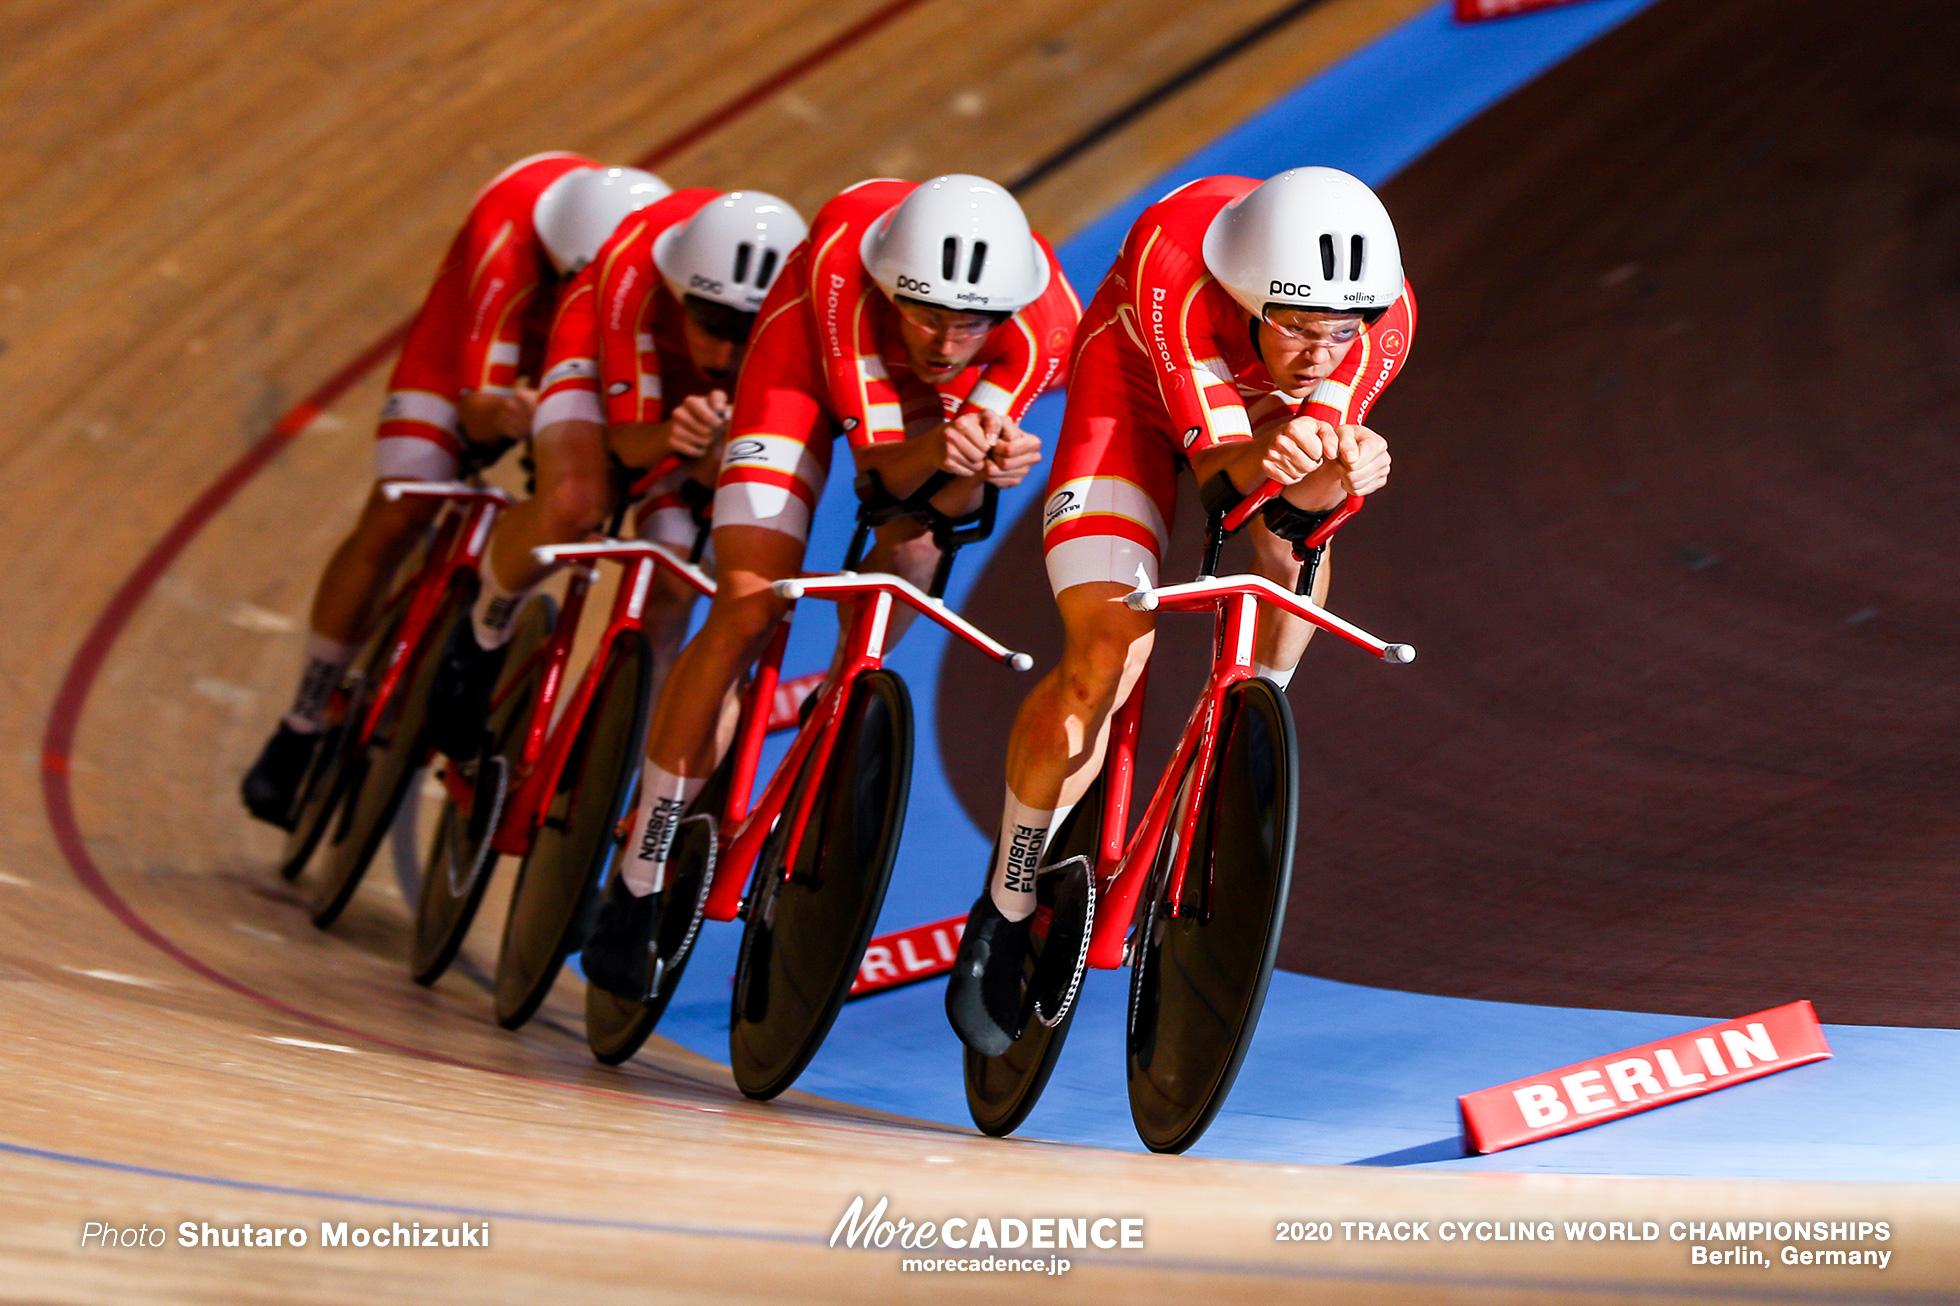 1st Round / Men's Team Pursuit / 2020 Track Cycling World Championships /スイス Switzerland/ ステファン・ビッセガー Stefan Bissegger, ロビン・フロイドボー Robin Froidevaux, クラウディオ・イムホフ Claudio Imhof, ルーカス・リュエッグ Lukas RUEGG